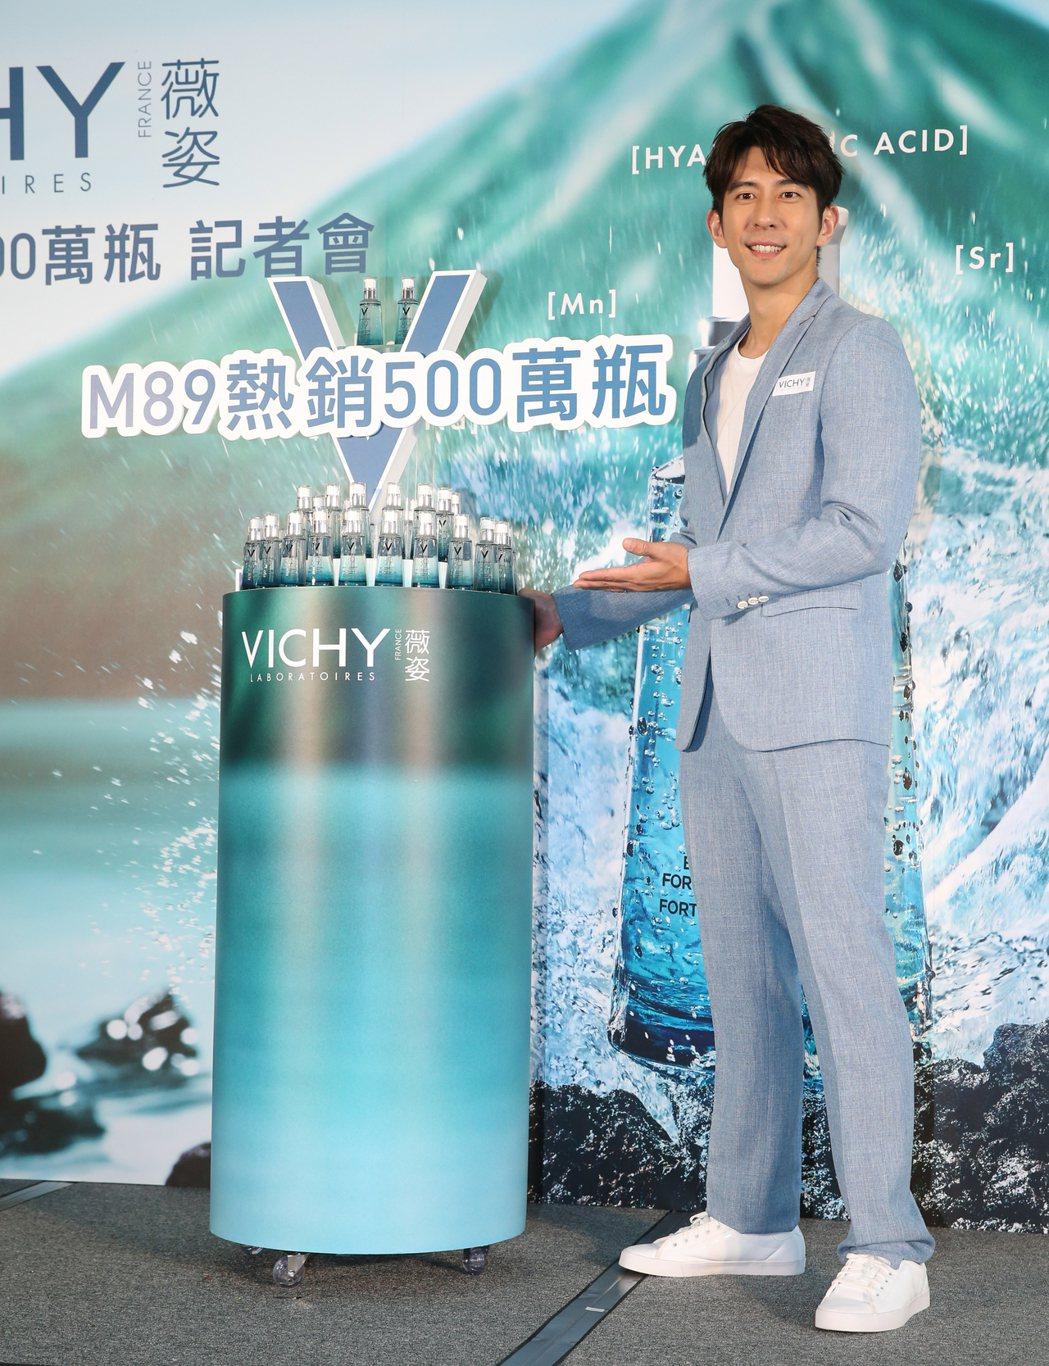 修杰楷出席薇姿M89全球熱銷500萬瓶記者會,擔任品牌大使。記者葉信菉/攝影